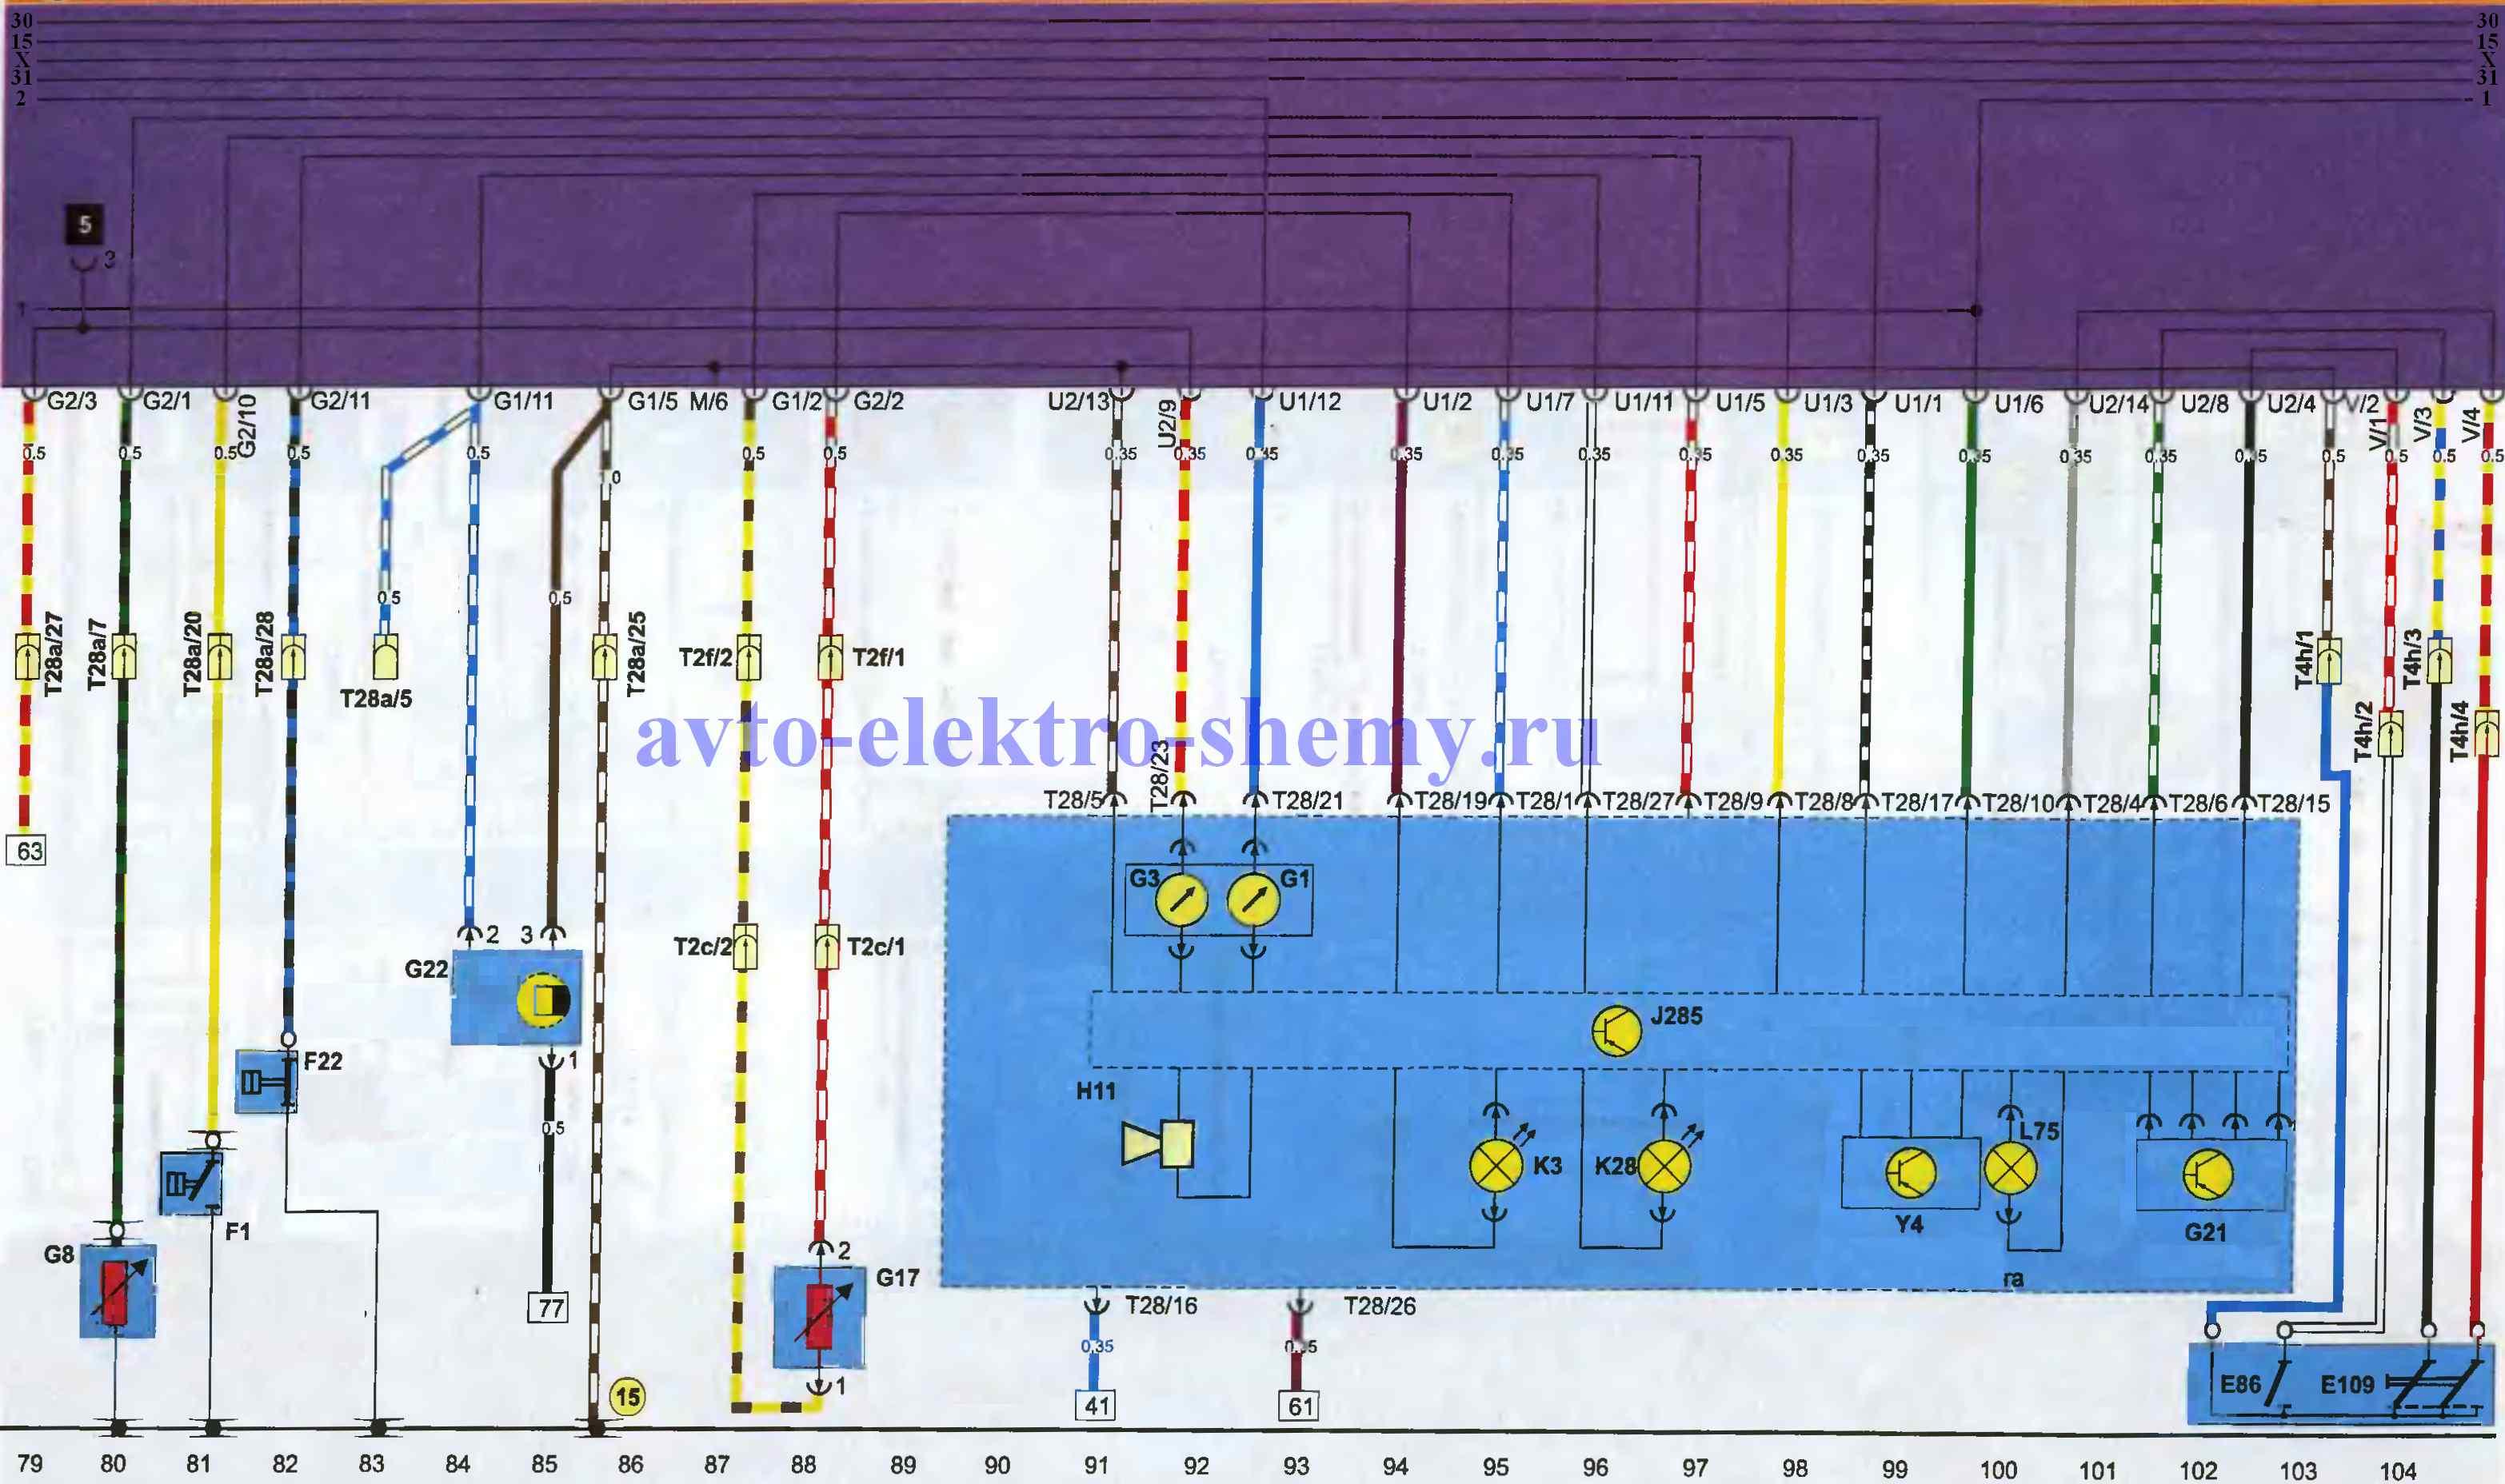 Приборный щиток,датчики универсального показывающего прибора автомобилей Фольксваген Пассат 1988-96г.в.